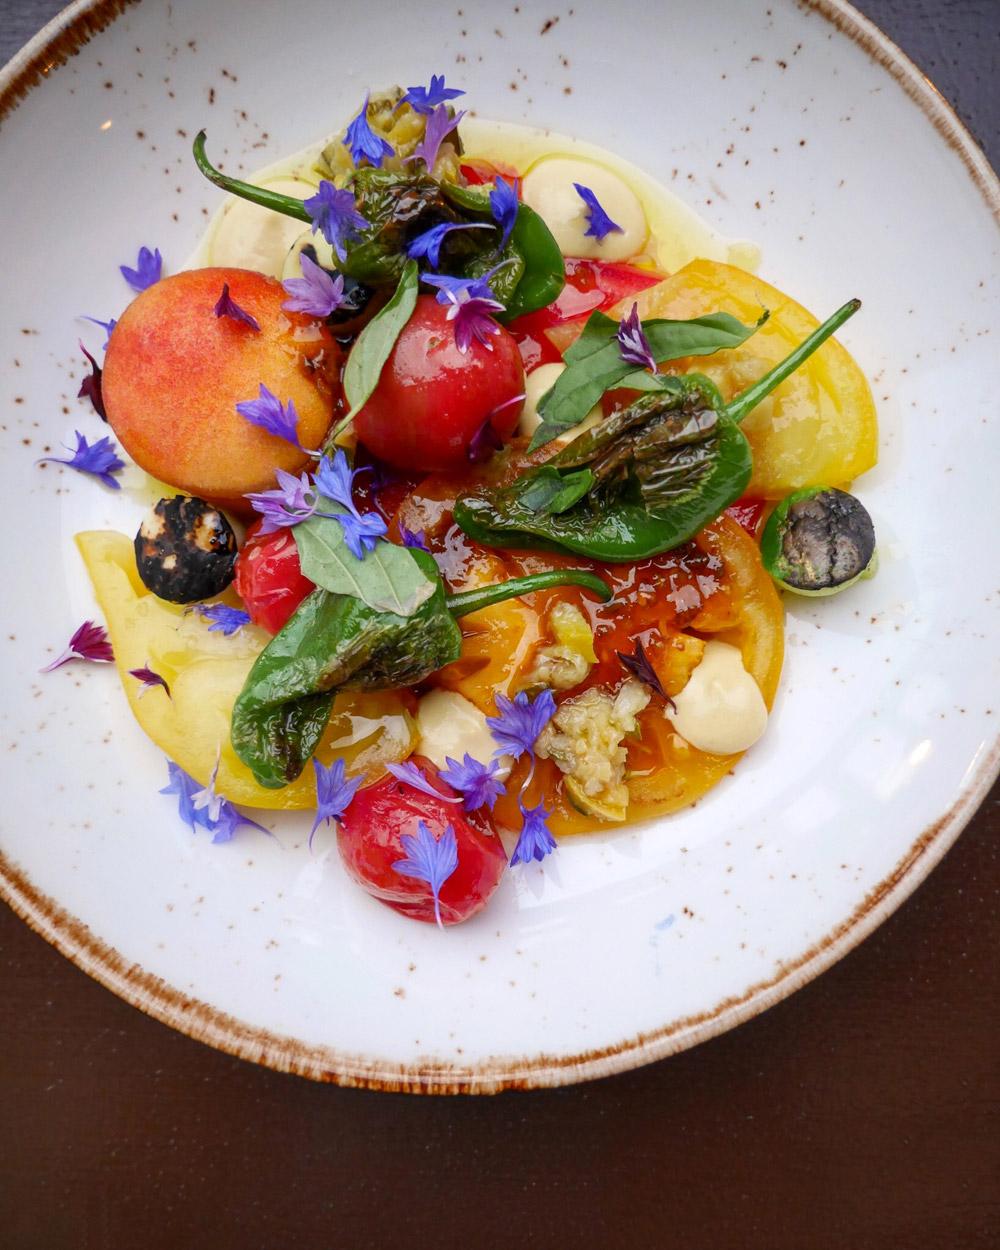 Quaintrelle, Veganizer Summer Salad